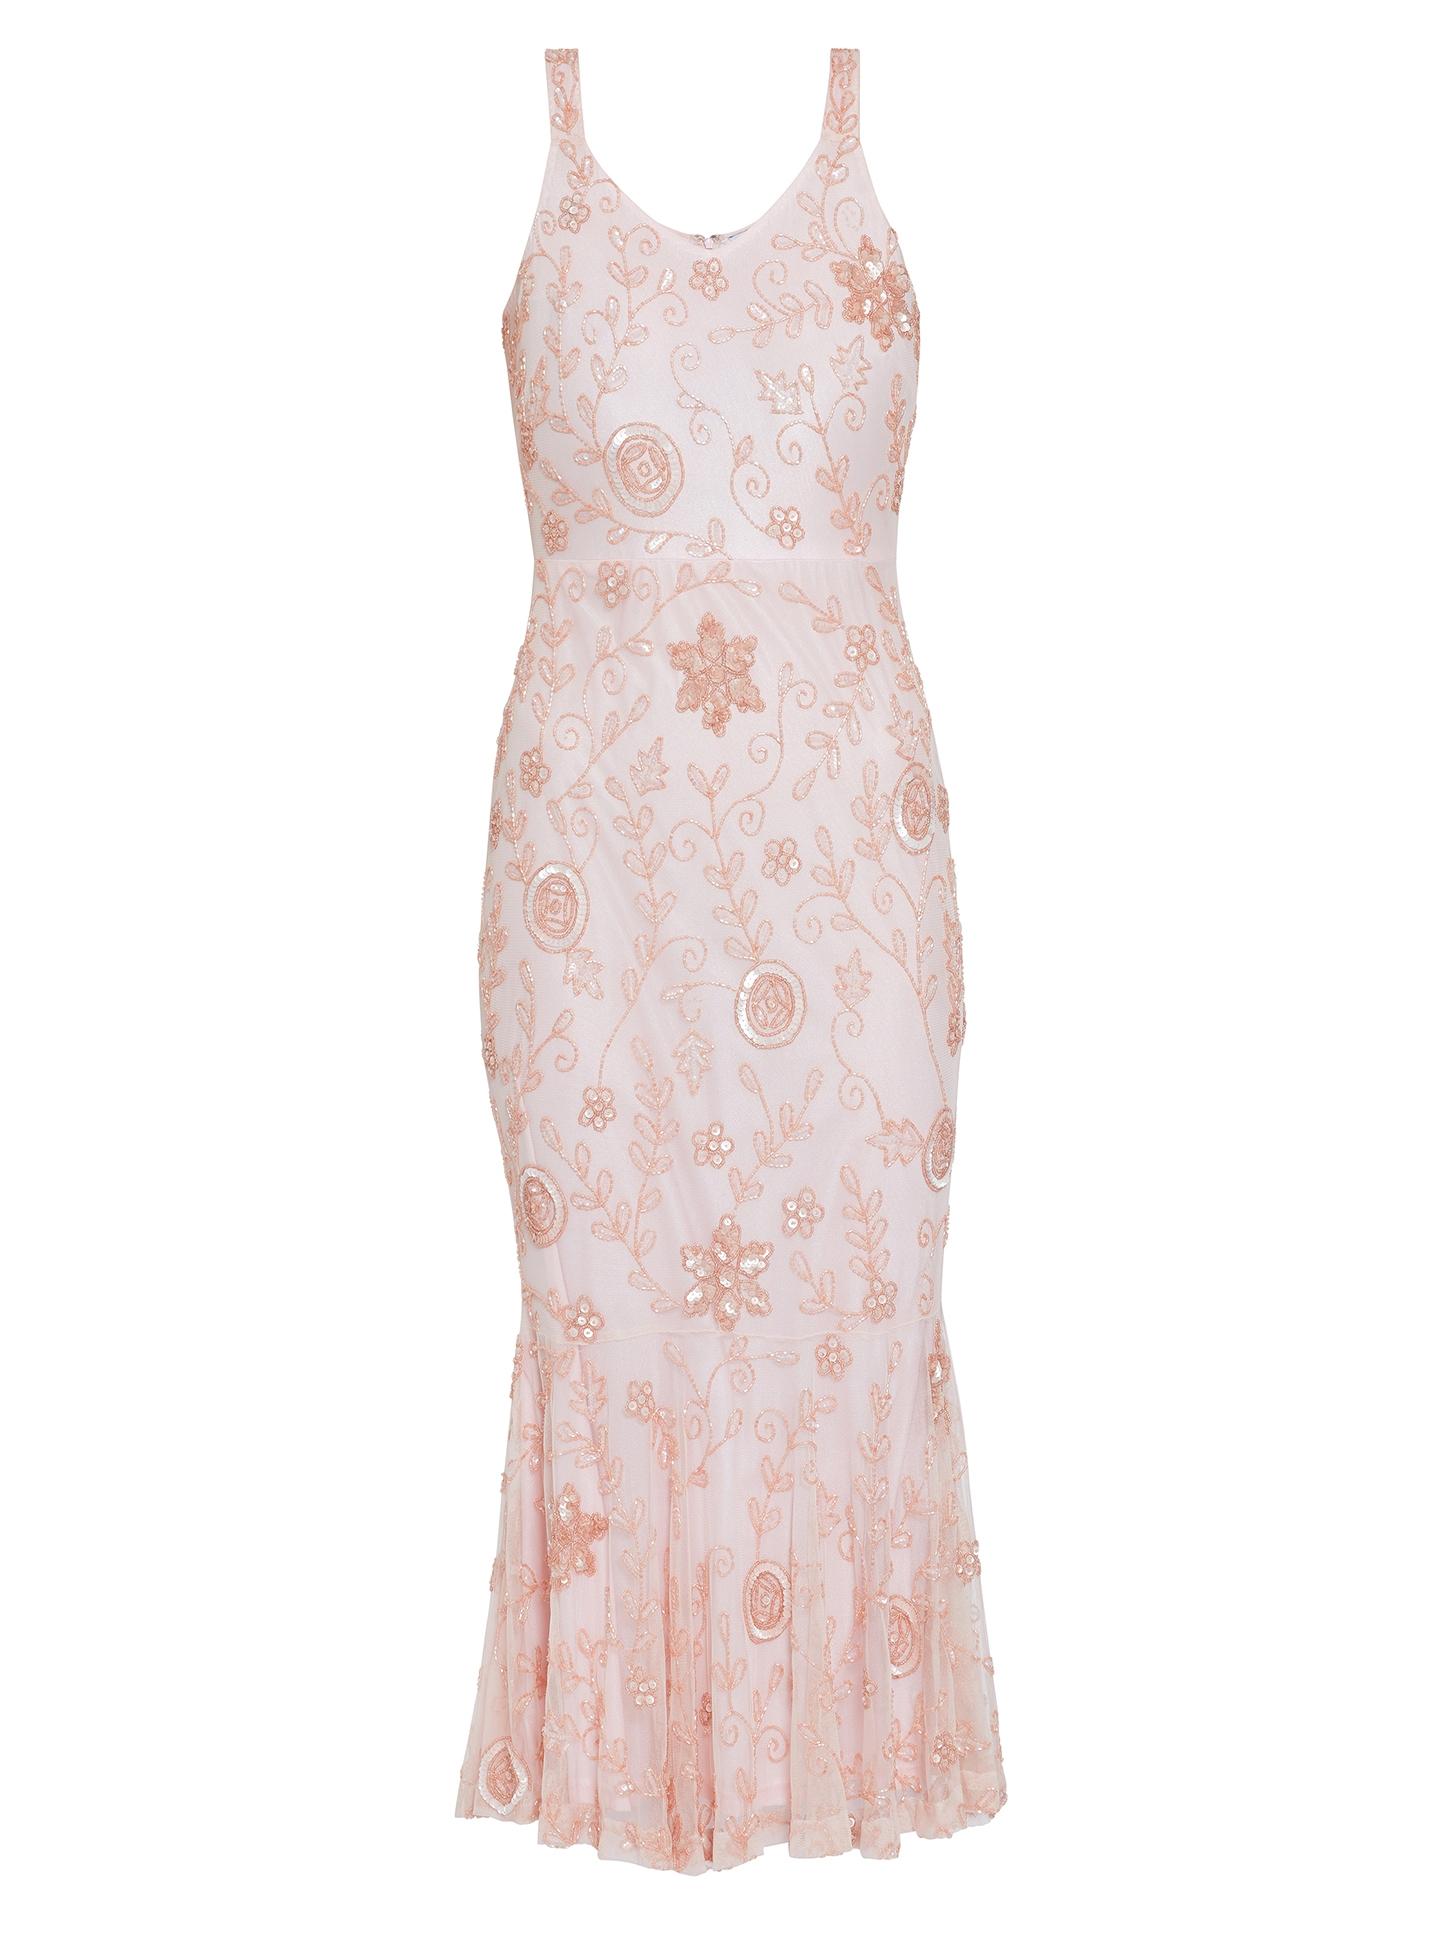 Zaina Beaded Maxi Dress